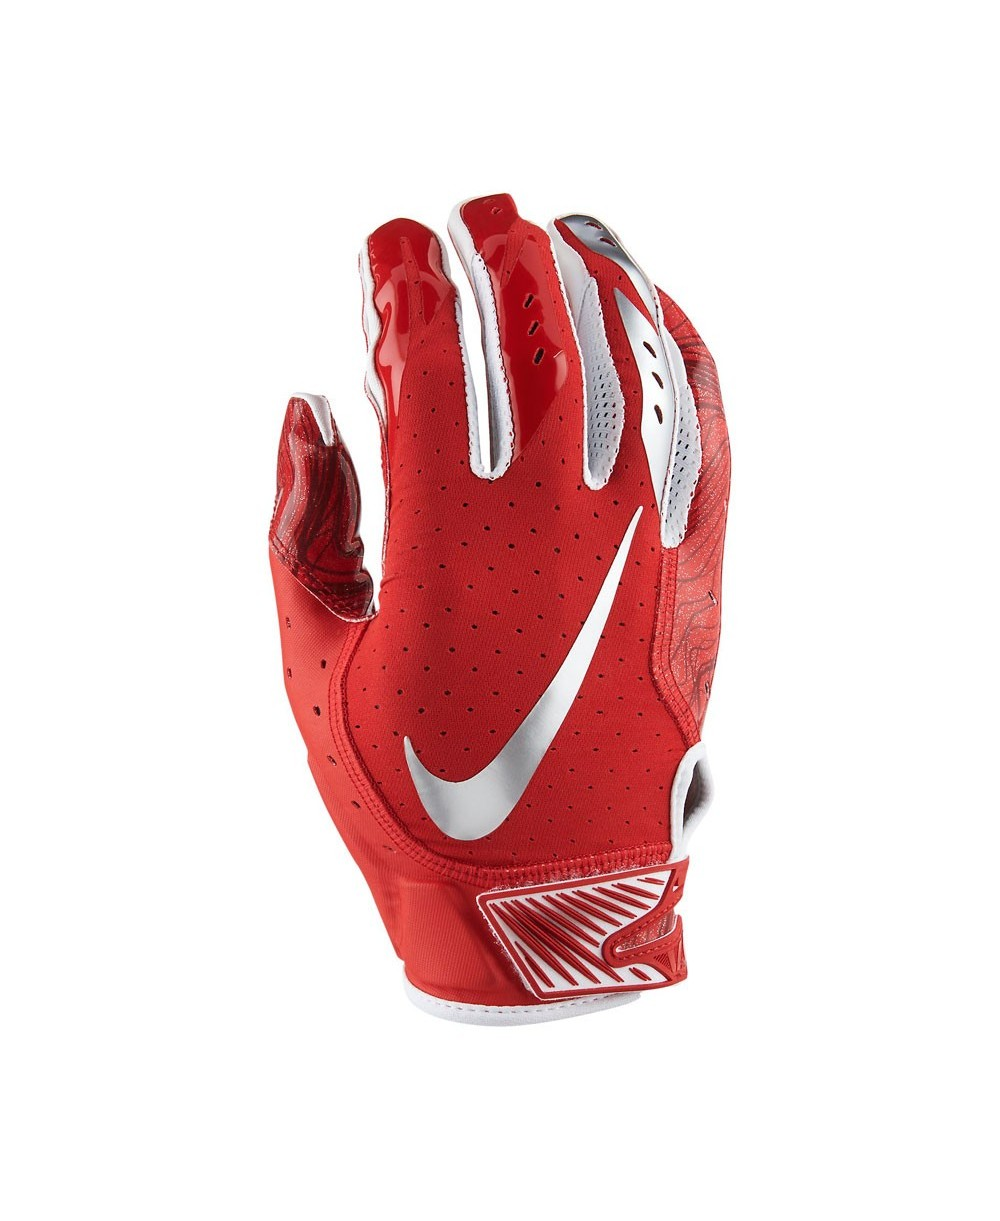 055ecd7d01d Vapor Jet 5 Men s American Football Gloves University Red